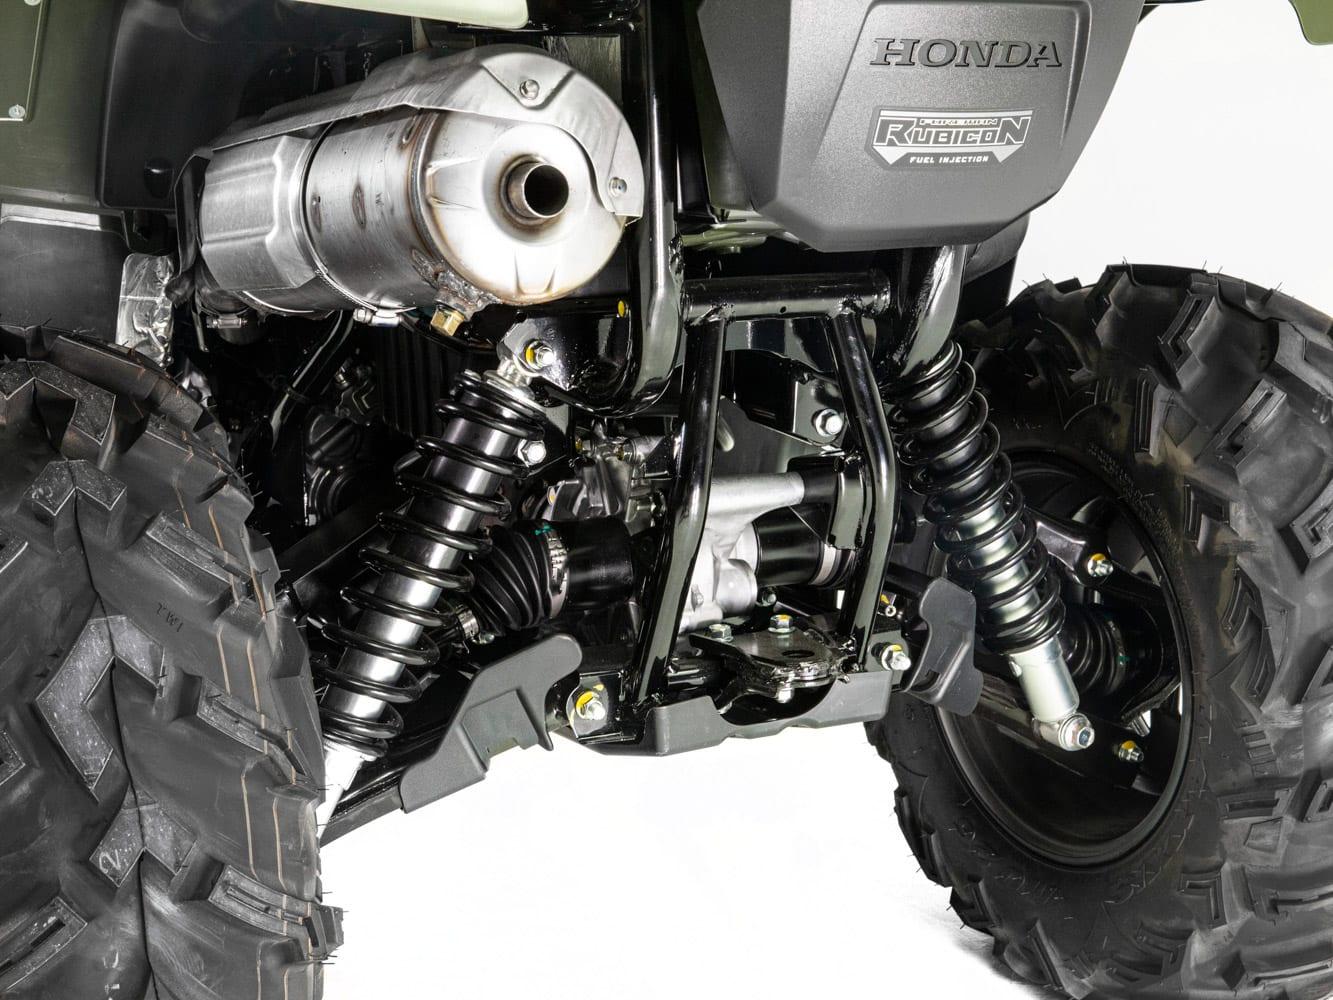 2020 Honda TRX520 Foreman Rubicon DCT Review